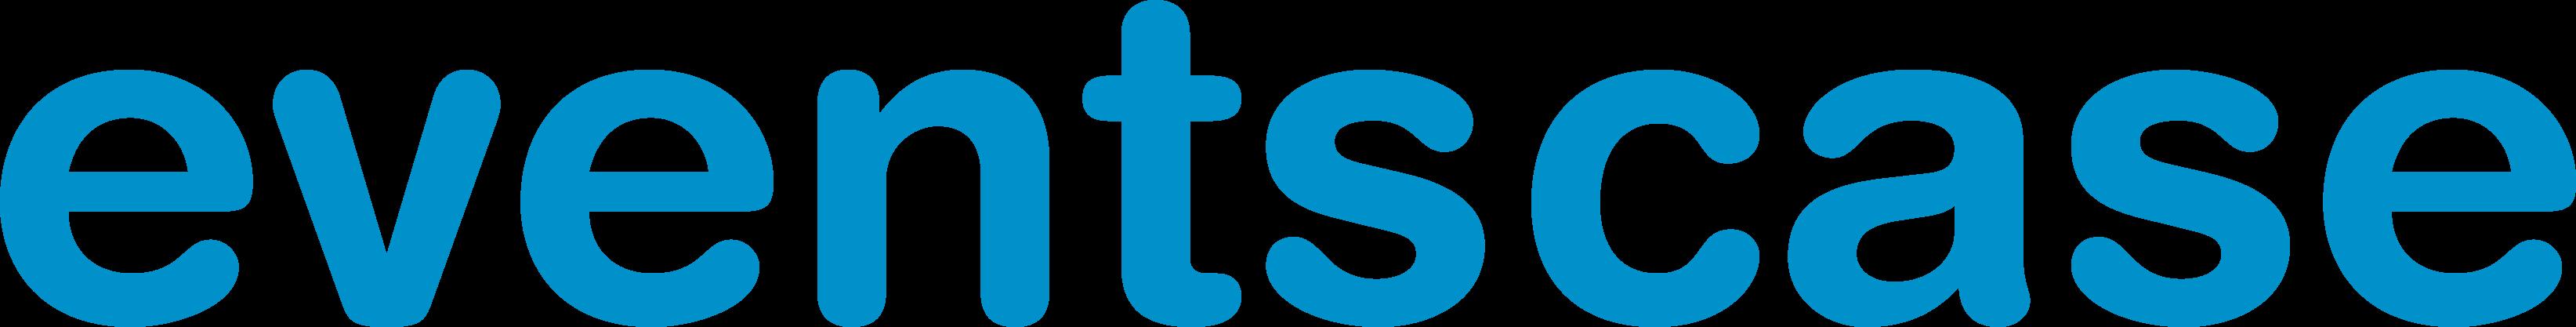 eventscase-logo